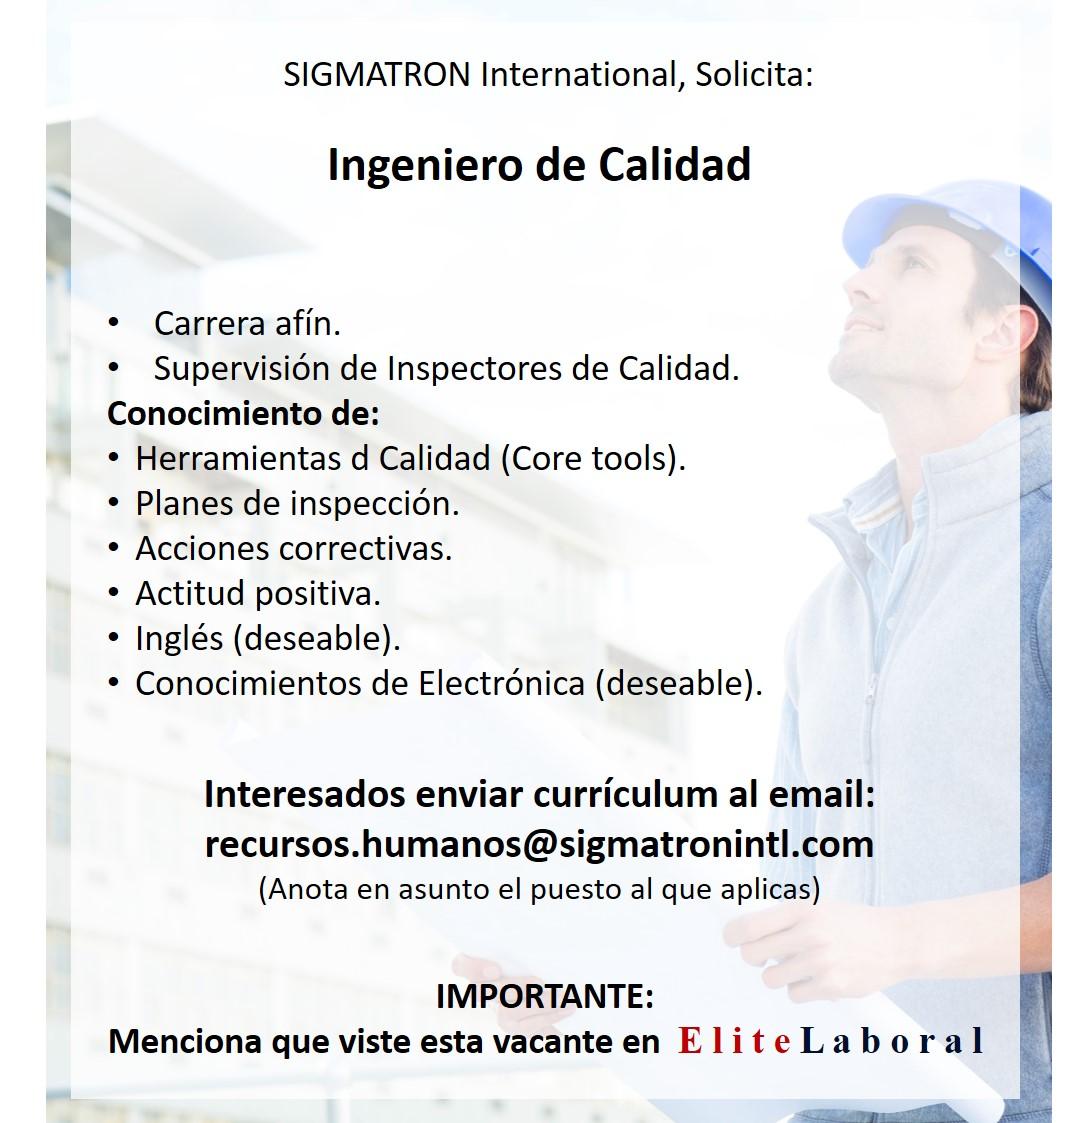 vacante Ingeniero de Calidad en SIGMATRON International